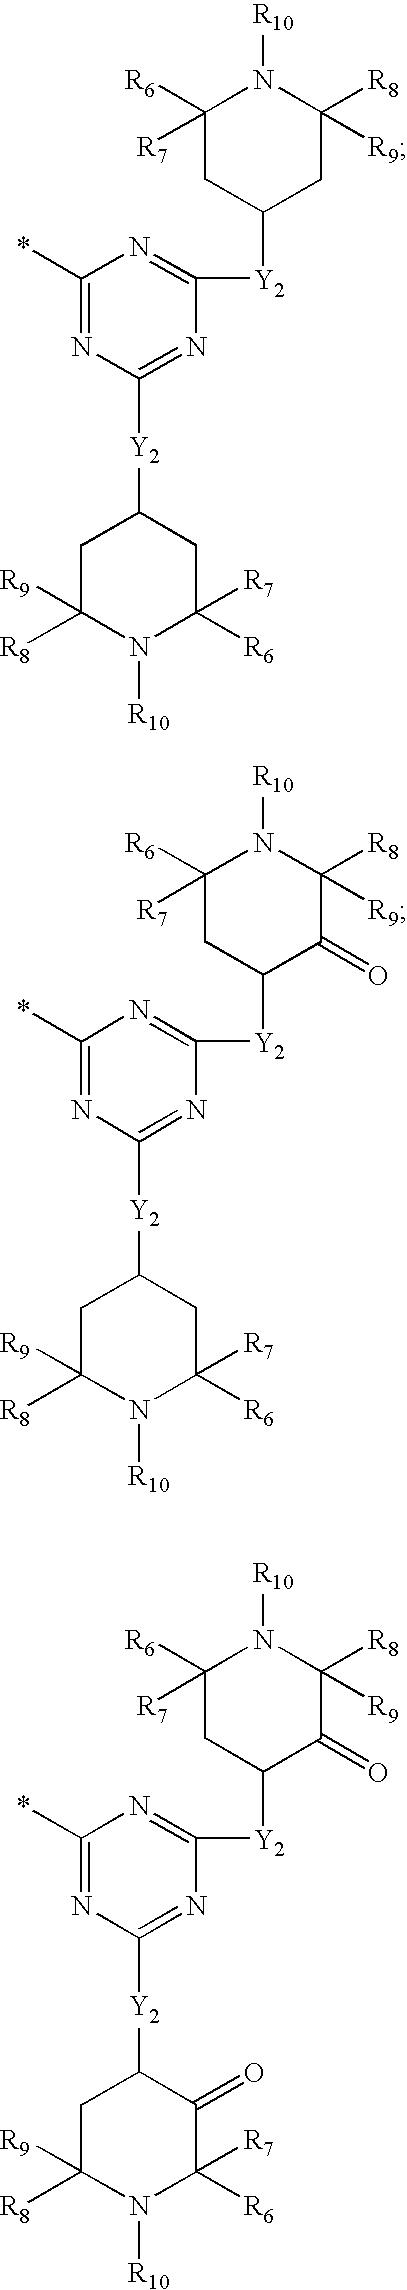 Figure US20040143041A1-20040722-C00039